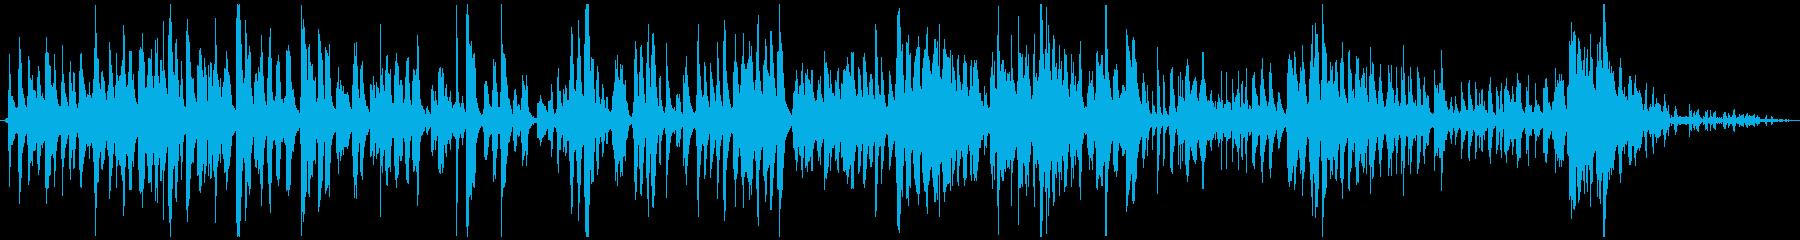 リラックスできる音楽、自然の音の再生済みの波形